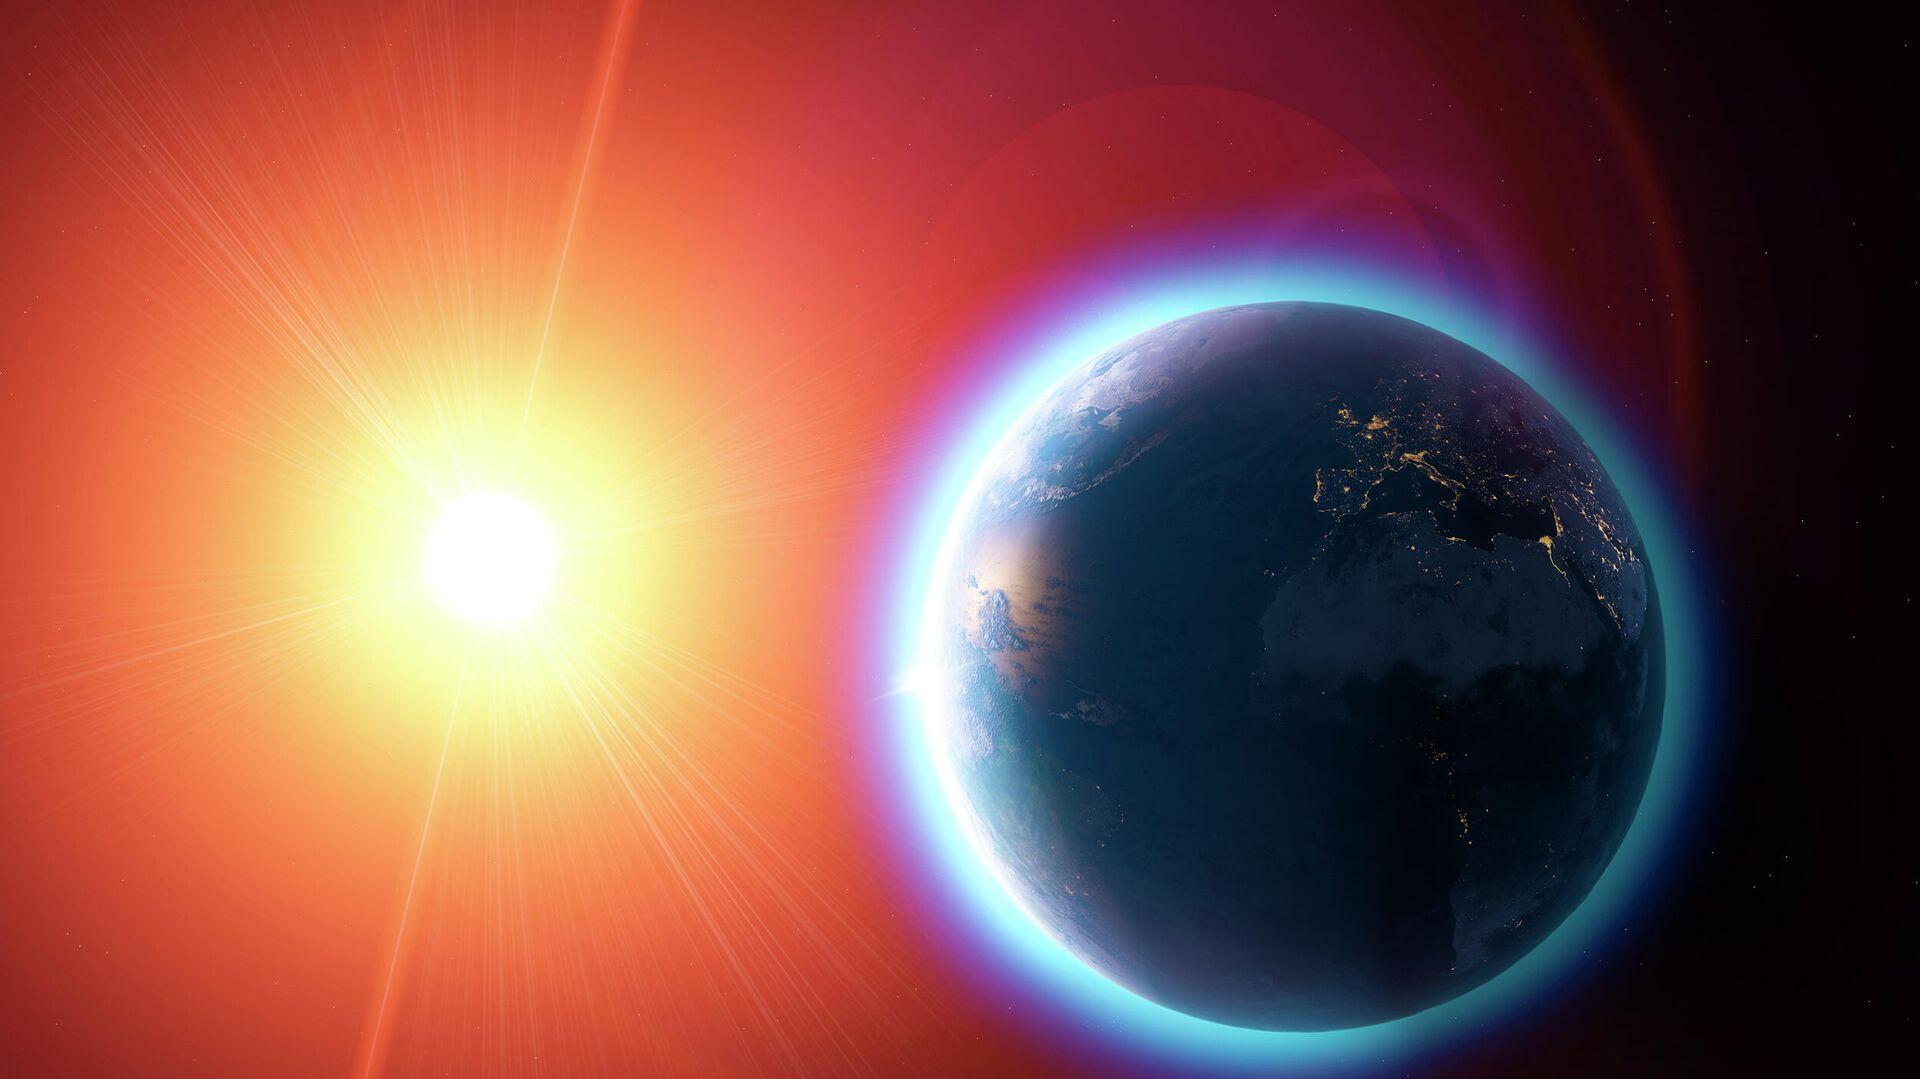 Глобальное потепление и изменение климата - РИА Новости, 1920, 05.02.2021